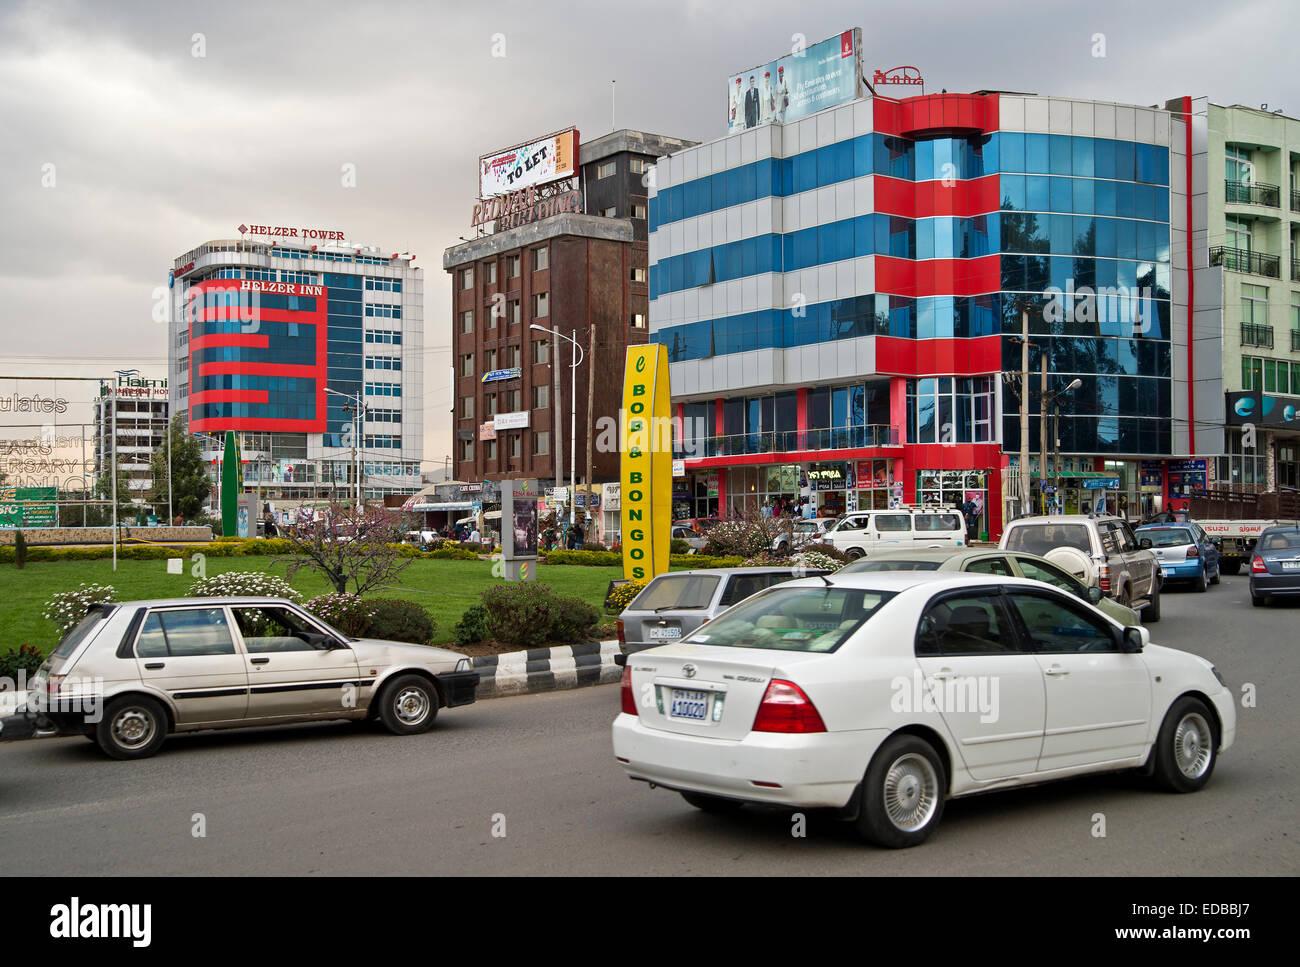 New buildings at Bole Medhane Alem Circle, Bole area, Addis Ababa, Ethiopia - Stock Image